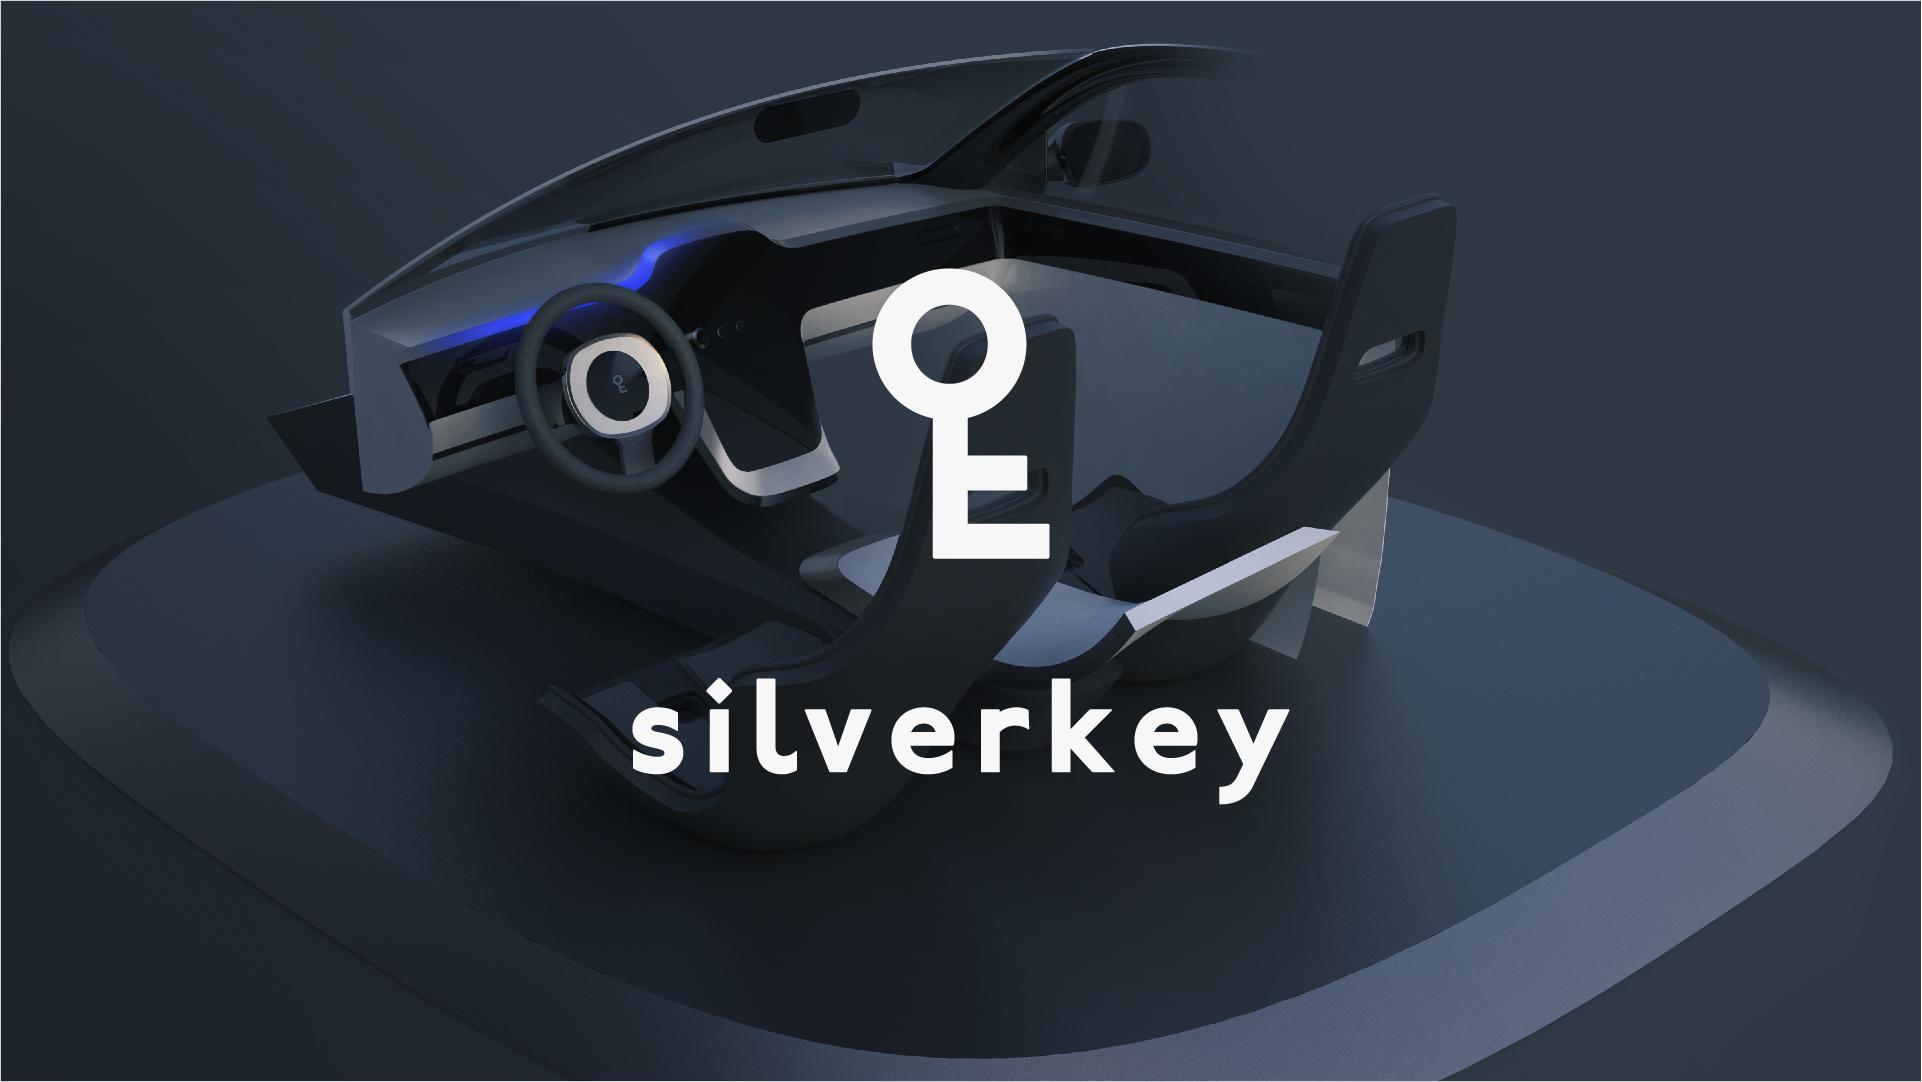 Silverkey header